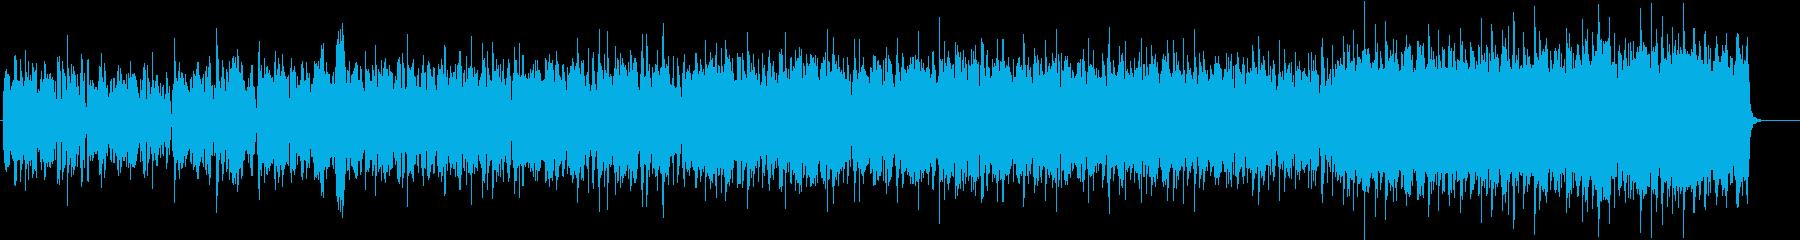 アウトドア・キャンプ・旅・ケルトの再生済みの波形